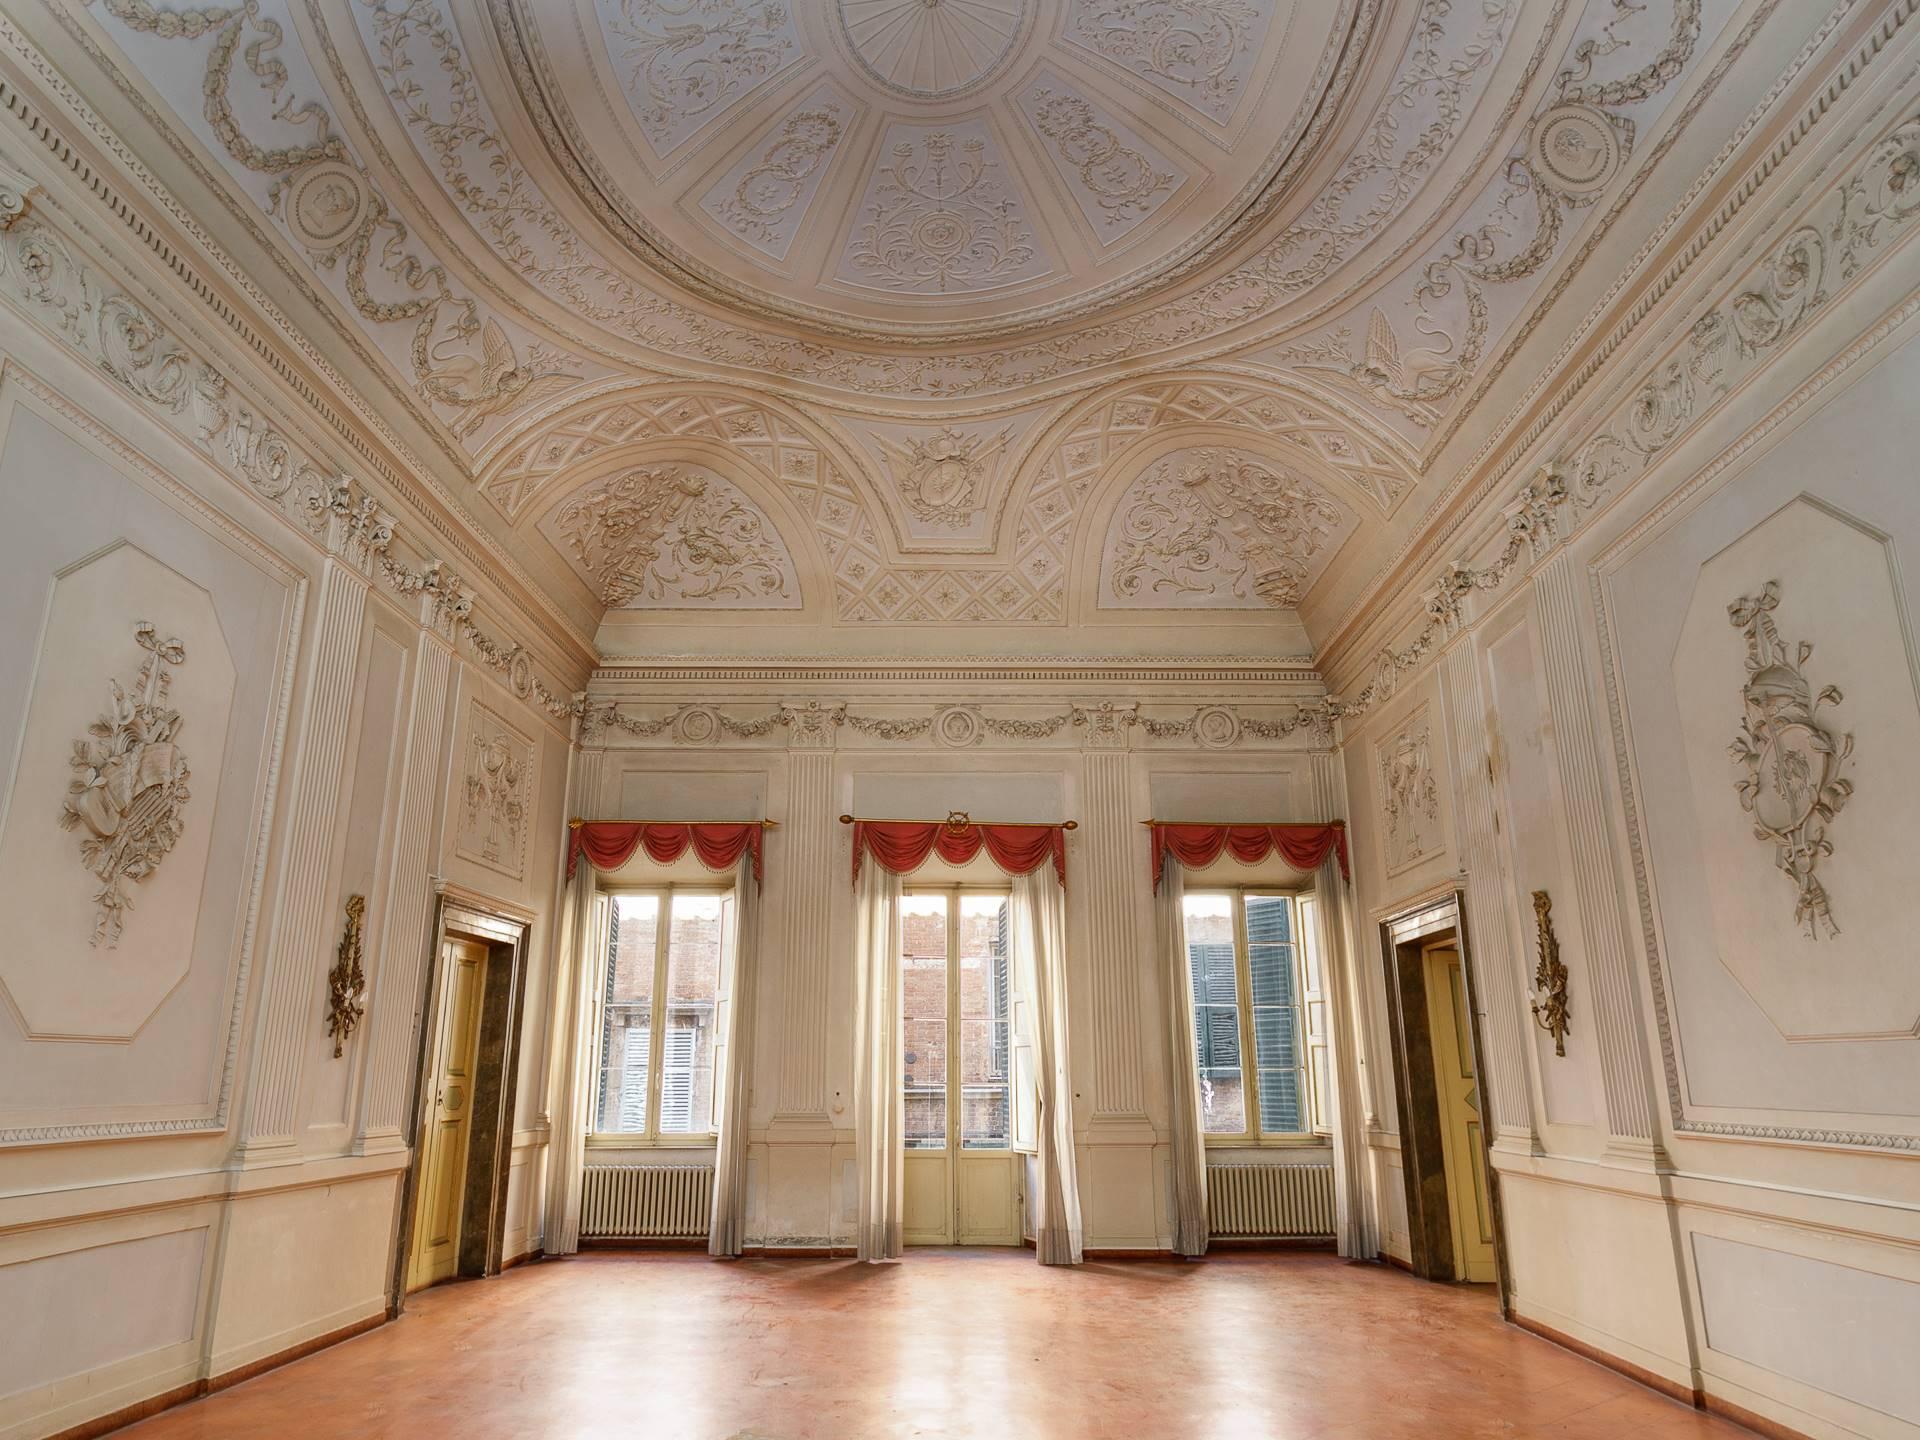 Incredibile pensare che siamo nel centro di Siena, questo lussuoso appartamento unico nel suo genere, si trova in uno dei palazzi più importanti e